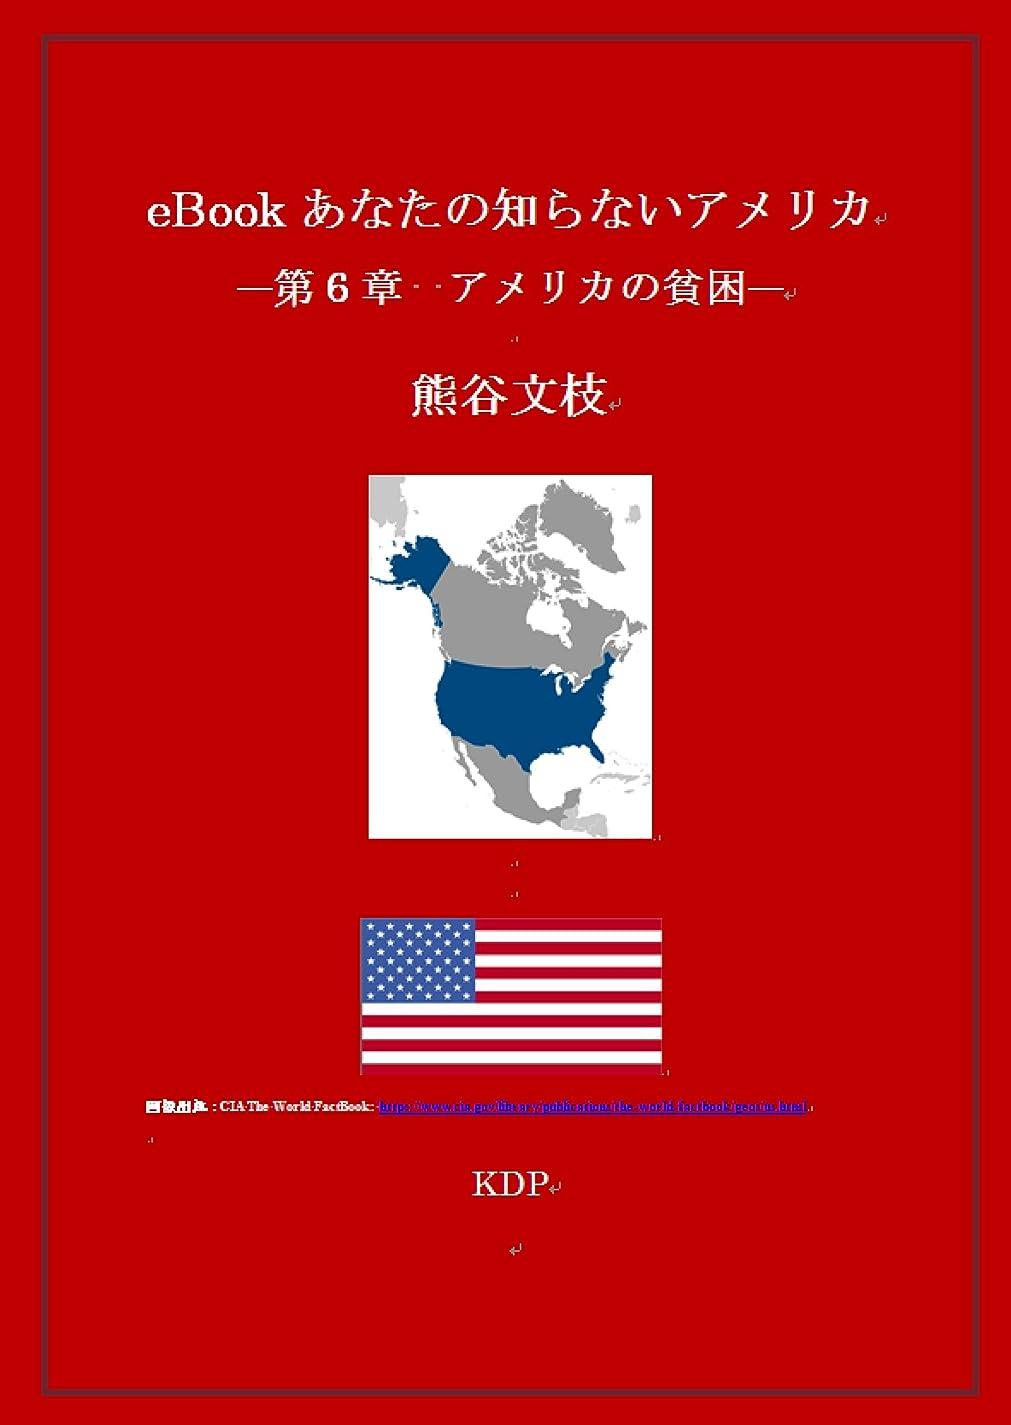 アレキサンダーグラハムベル慣れている遠洋のeBook あなたの知らないアメリカ-第6章:アメリカの貧困